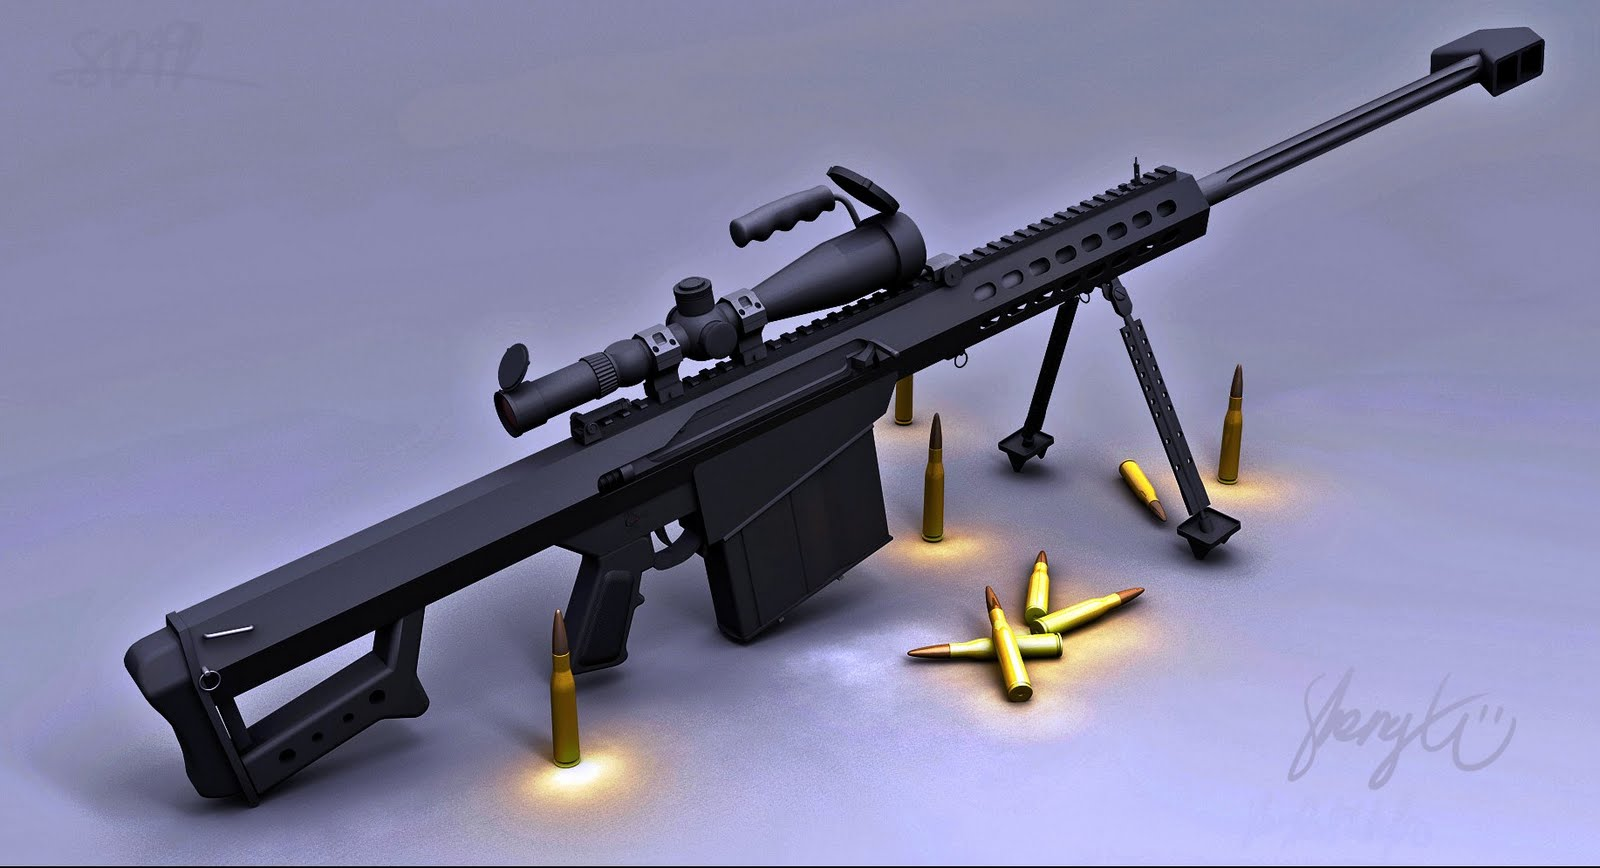 http://4.bp.blogspot.com/_Xo6k8kXBJ3M/TAN5tXxhORI/AAAAAAAABXc/4ZKyCd0D7pI/s1600/sniper+2.jpg